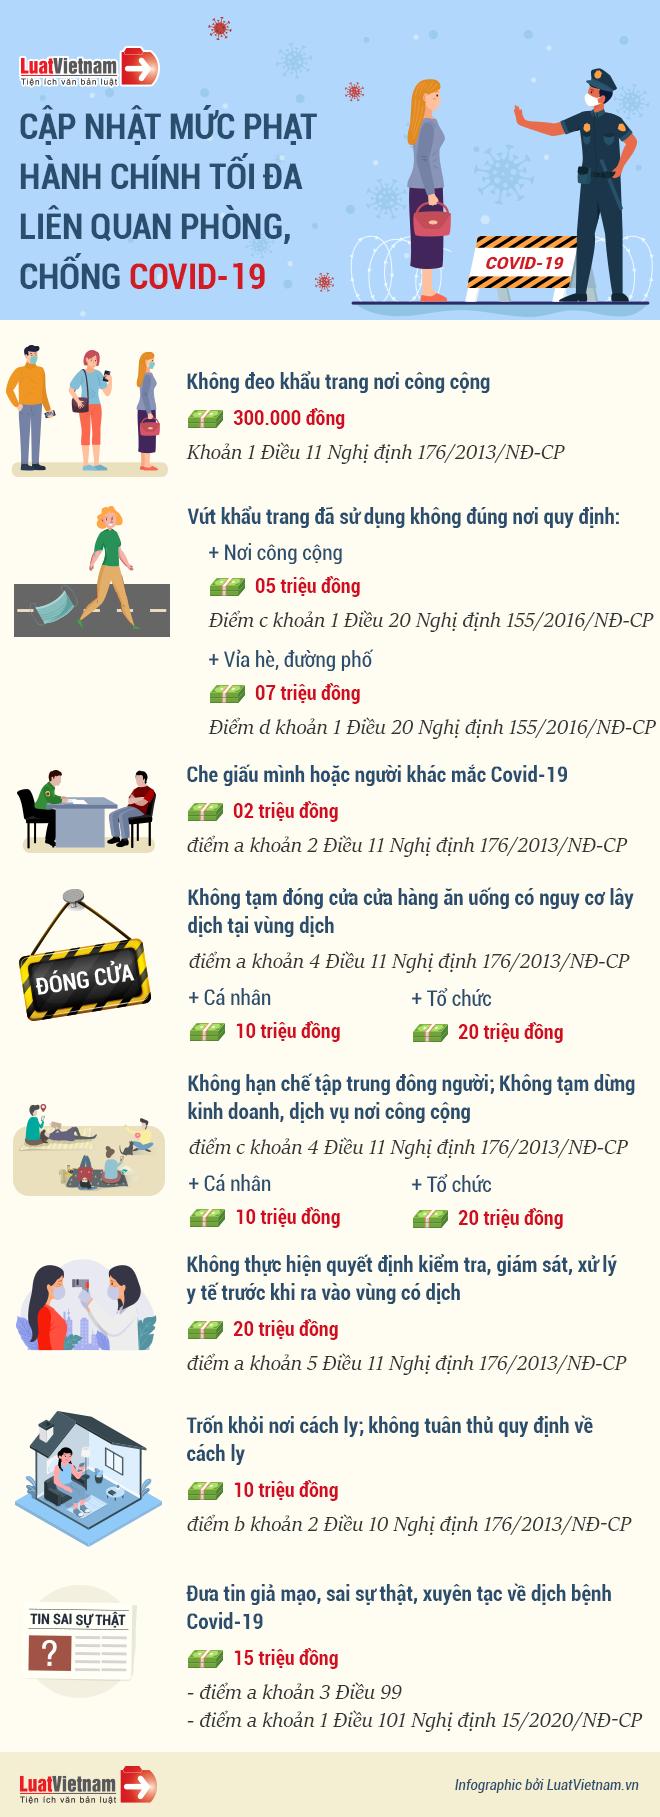 Infographic: Mức phạt tiền tối đa vi phạm phòng, chống Covid-19